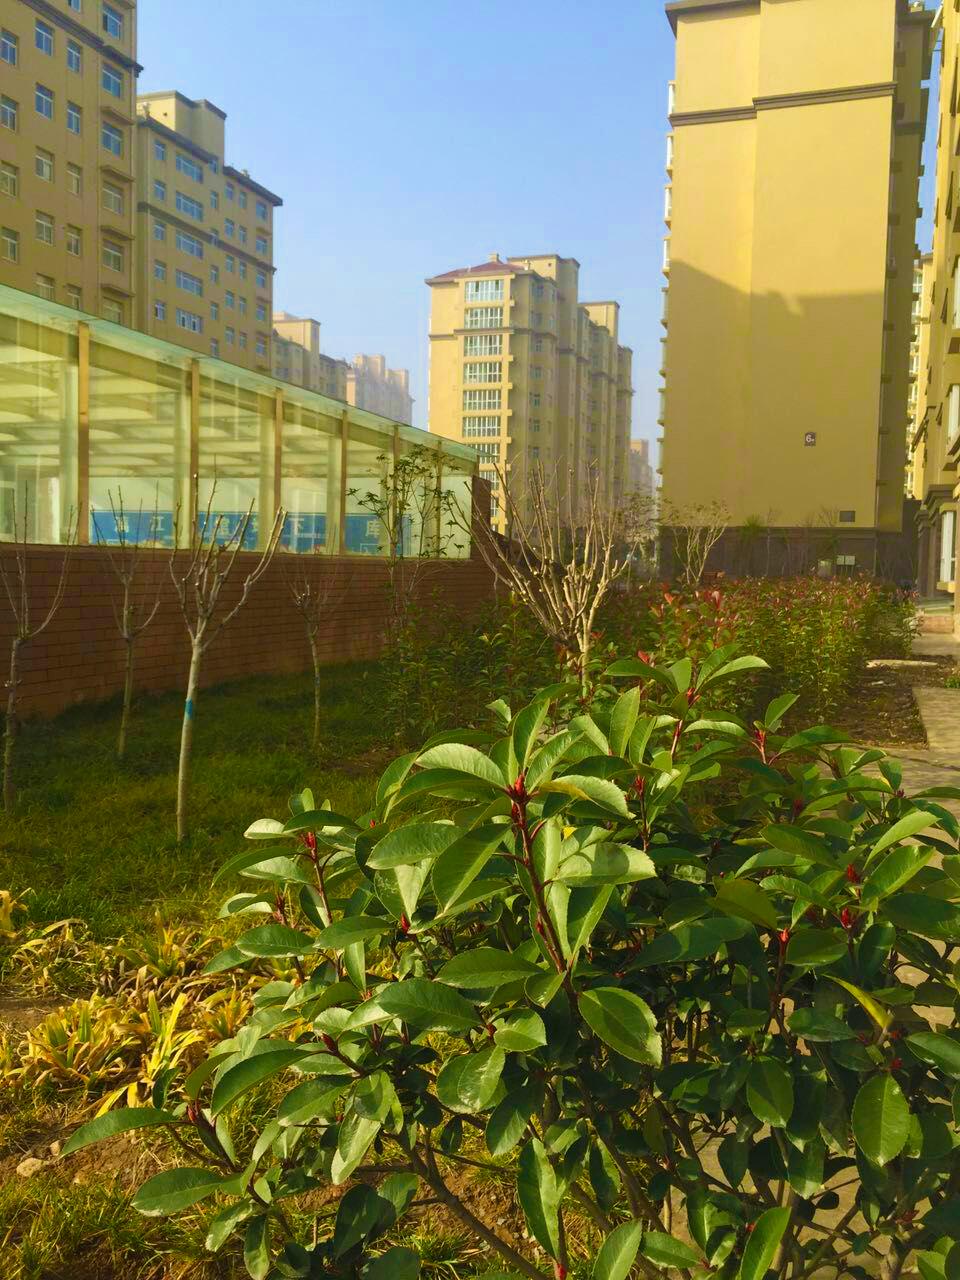 小区景色 - 鹤壁市润泰物业服务有限公司